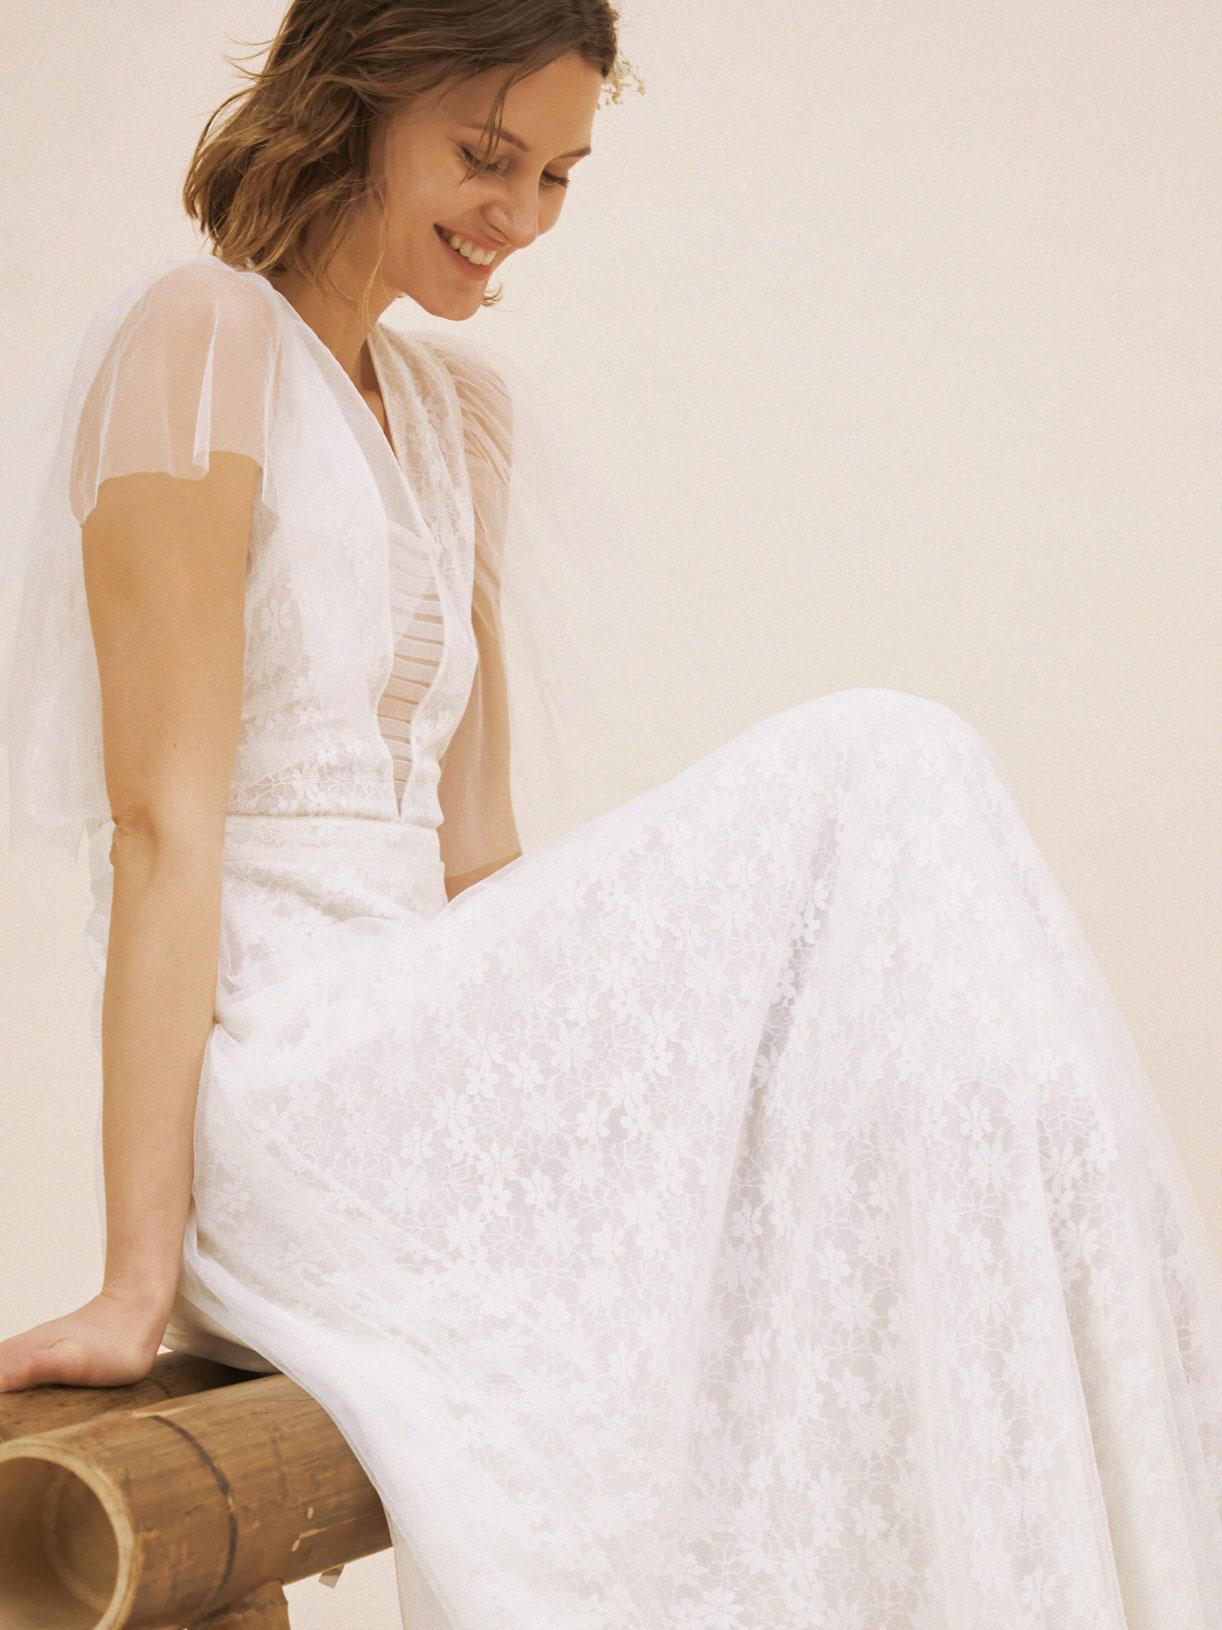 Robe de mariée romantique en dentelle écoresponsable - Creatrice de robe de mariée éthique et bio a Paris - Myphilosophy